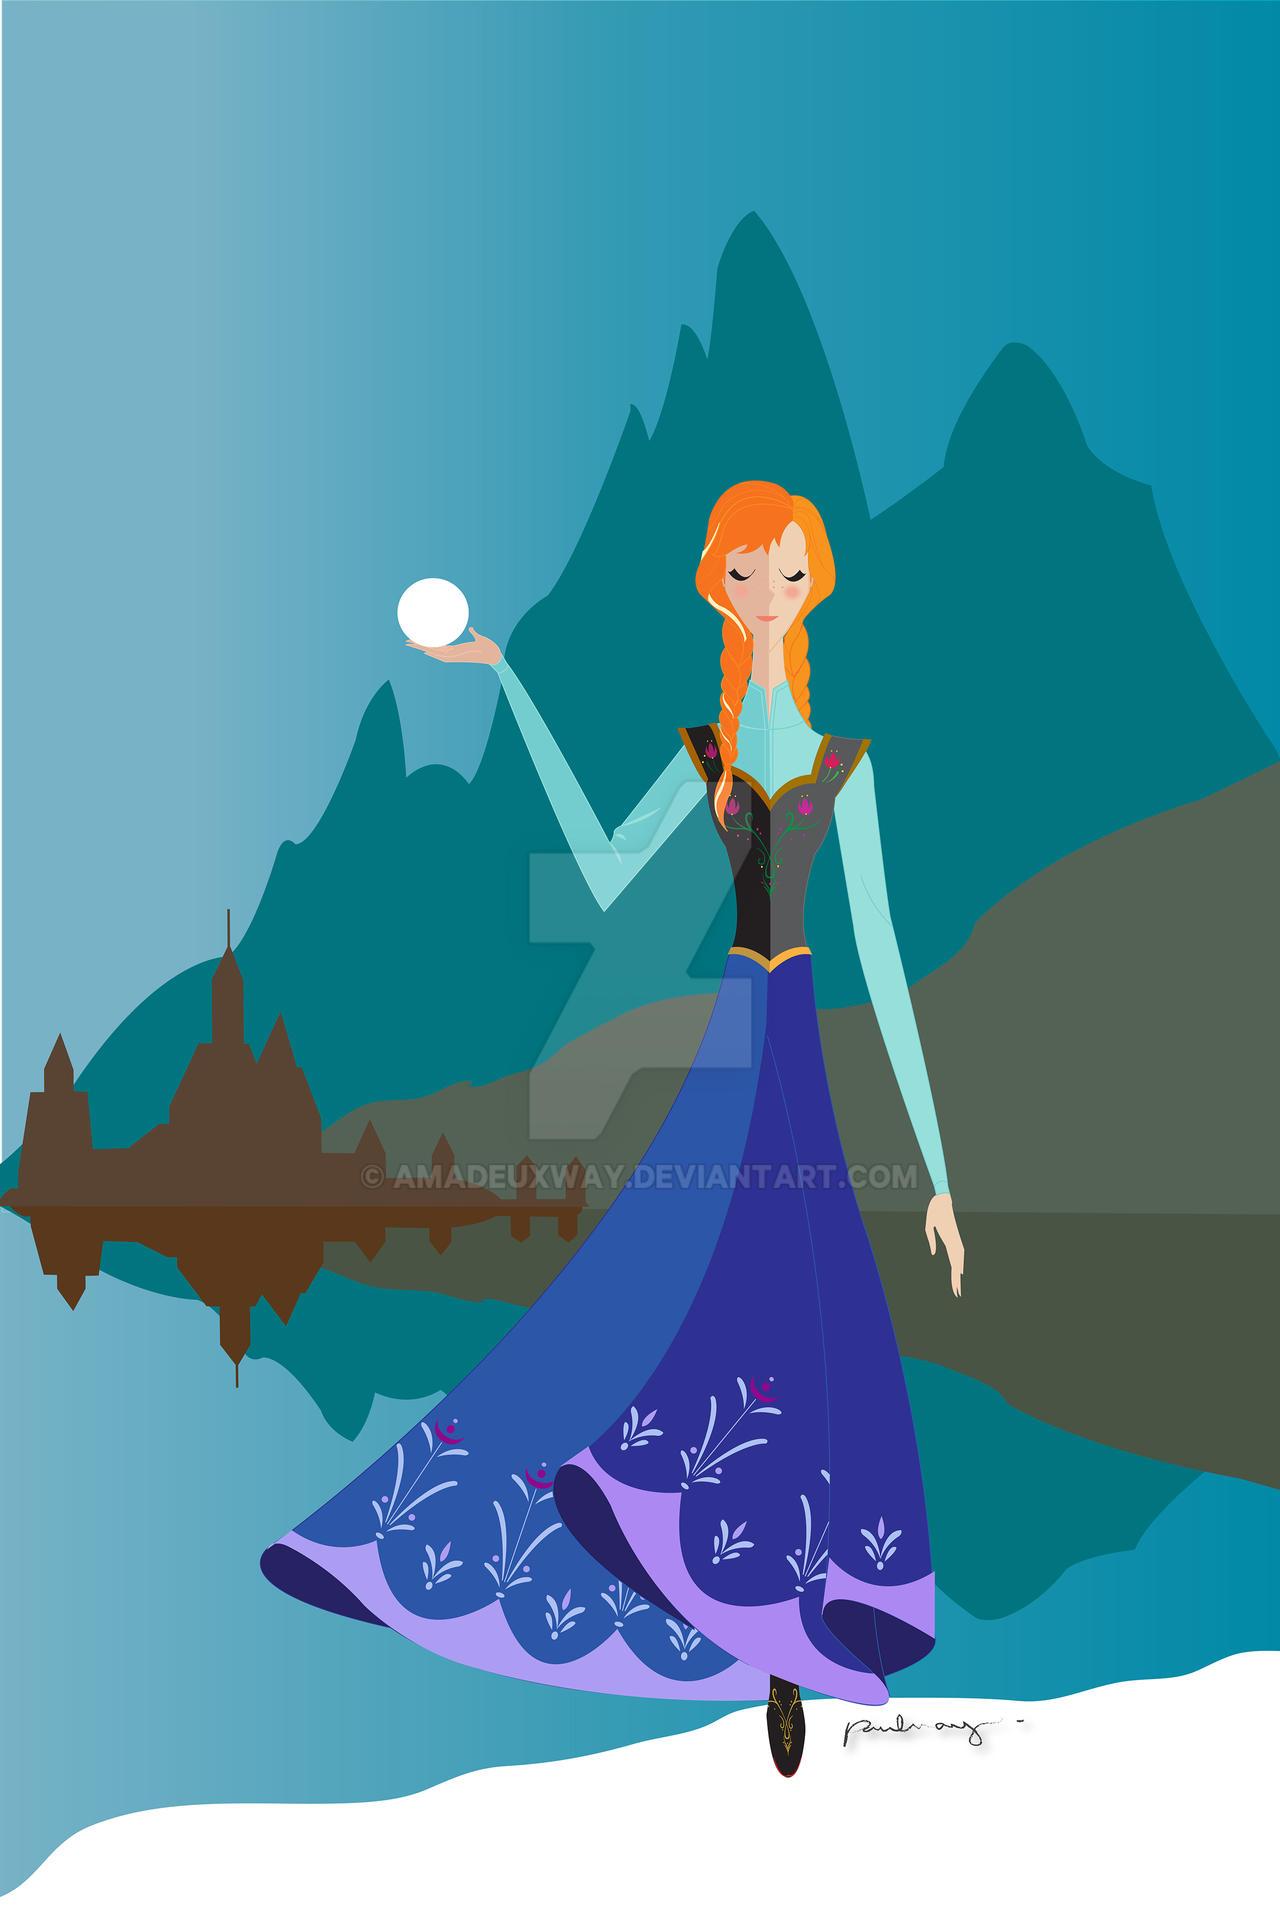 Origami - Princess Anna